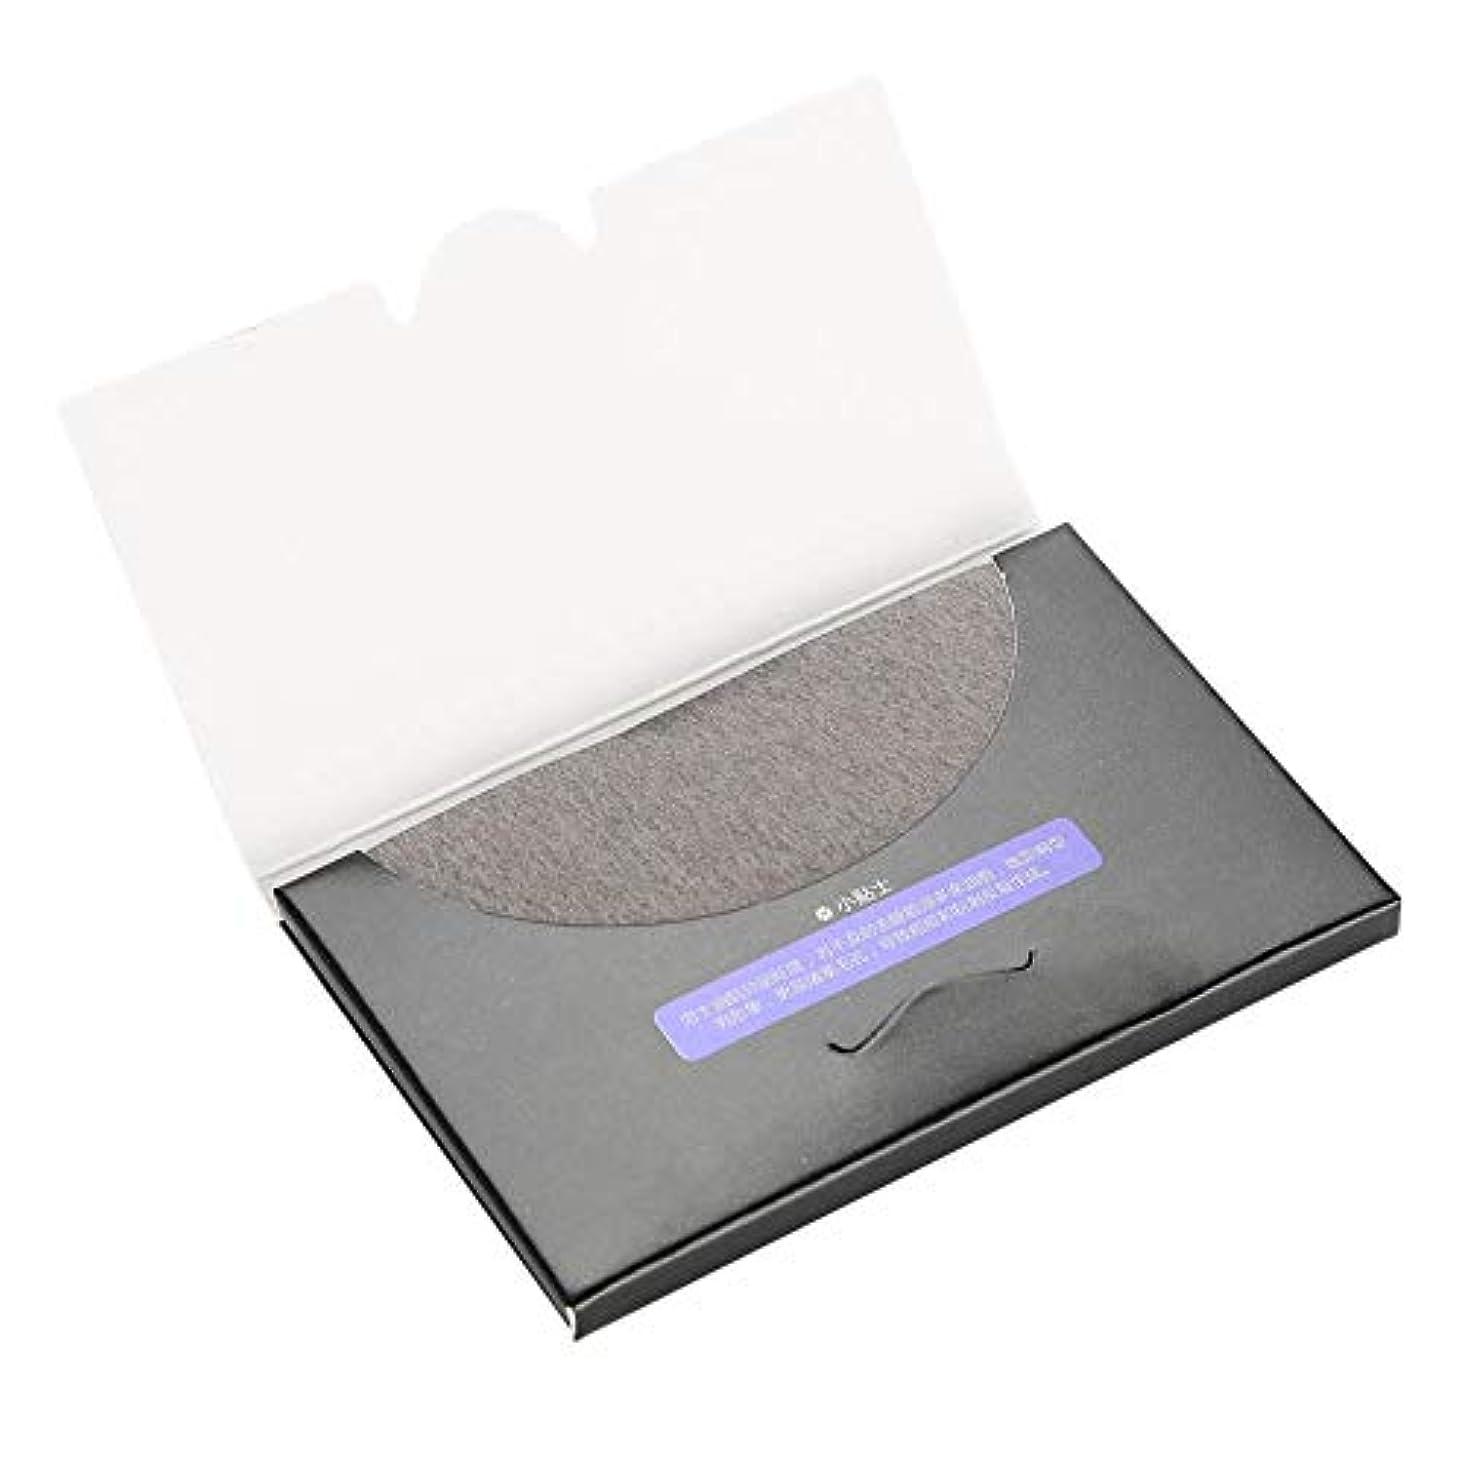 一元化するやりがいのあるミュージカル80枚/袋吸油布 - 化粧フィルムのクリーニング、吸い取り紙の消去 - きれいな吸い取り紙